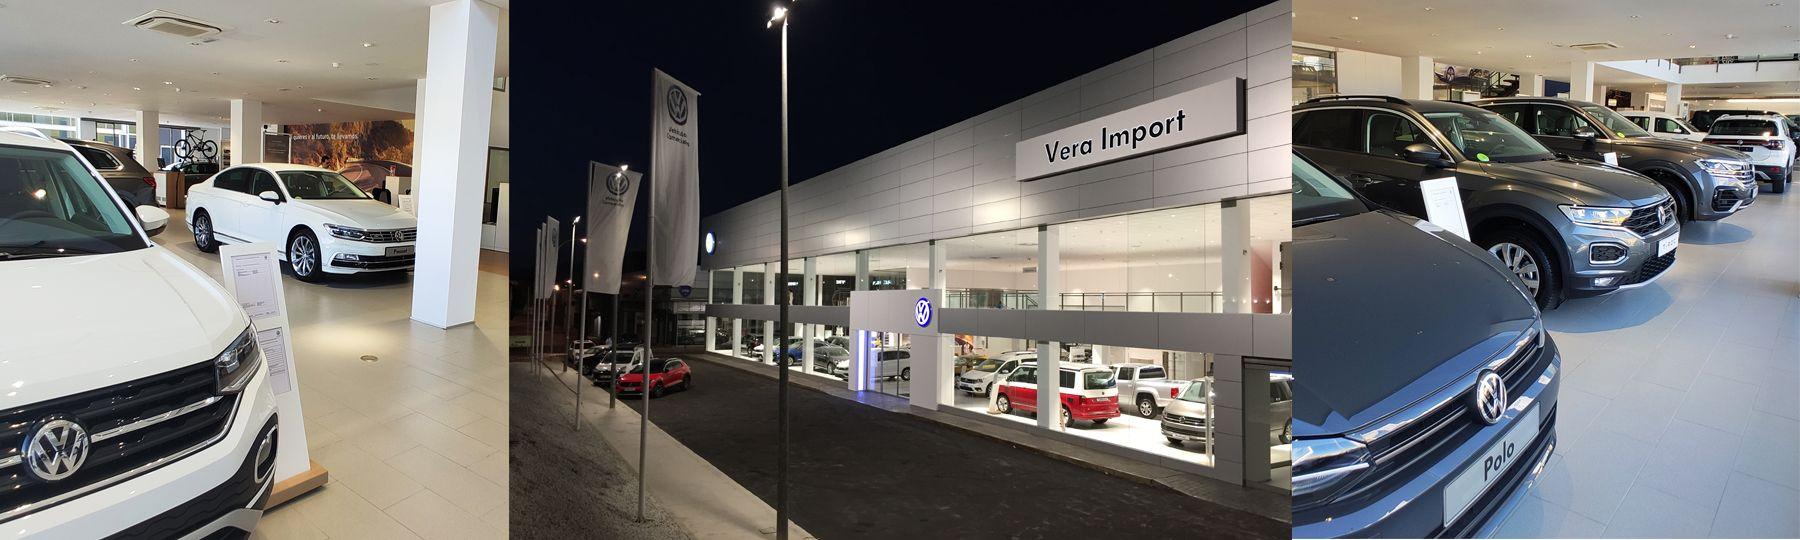 Grupo Veraimport VW Huércal de Almería